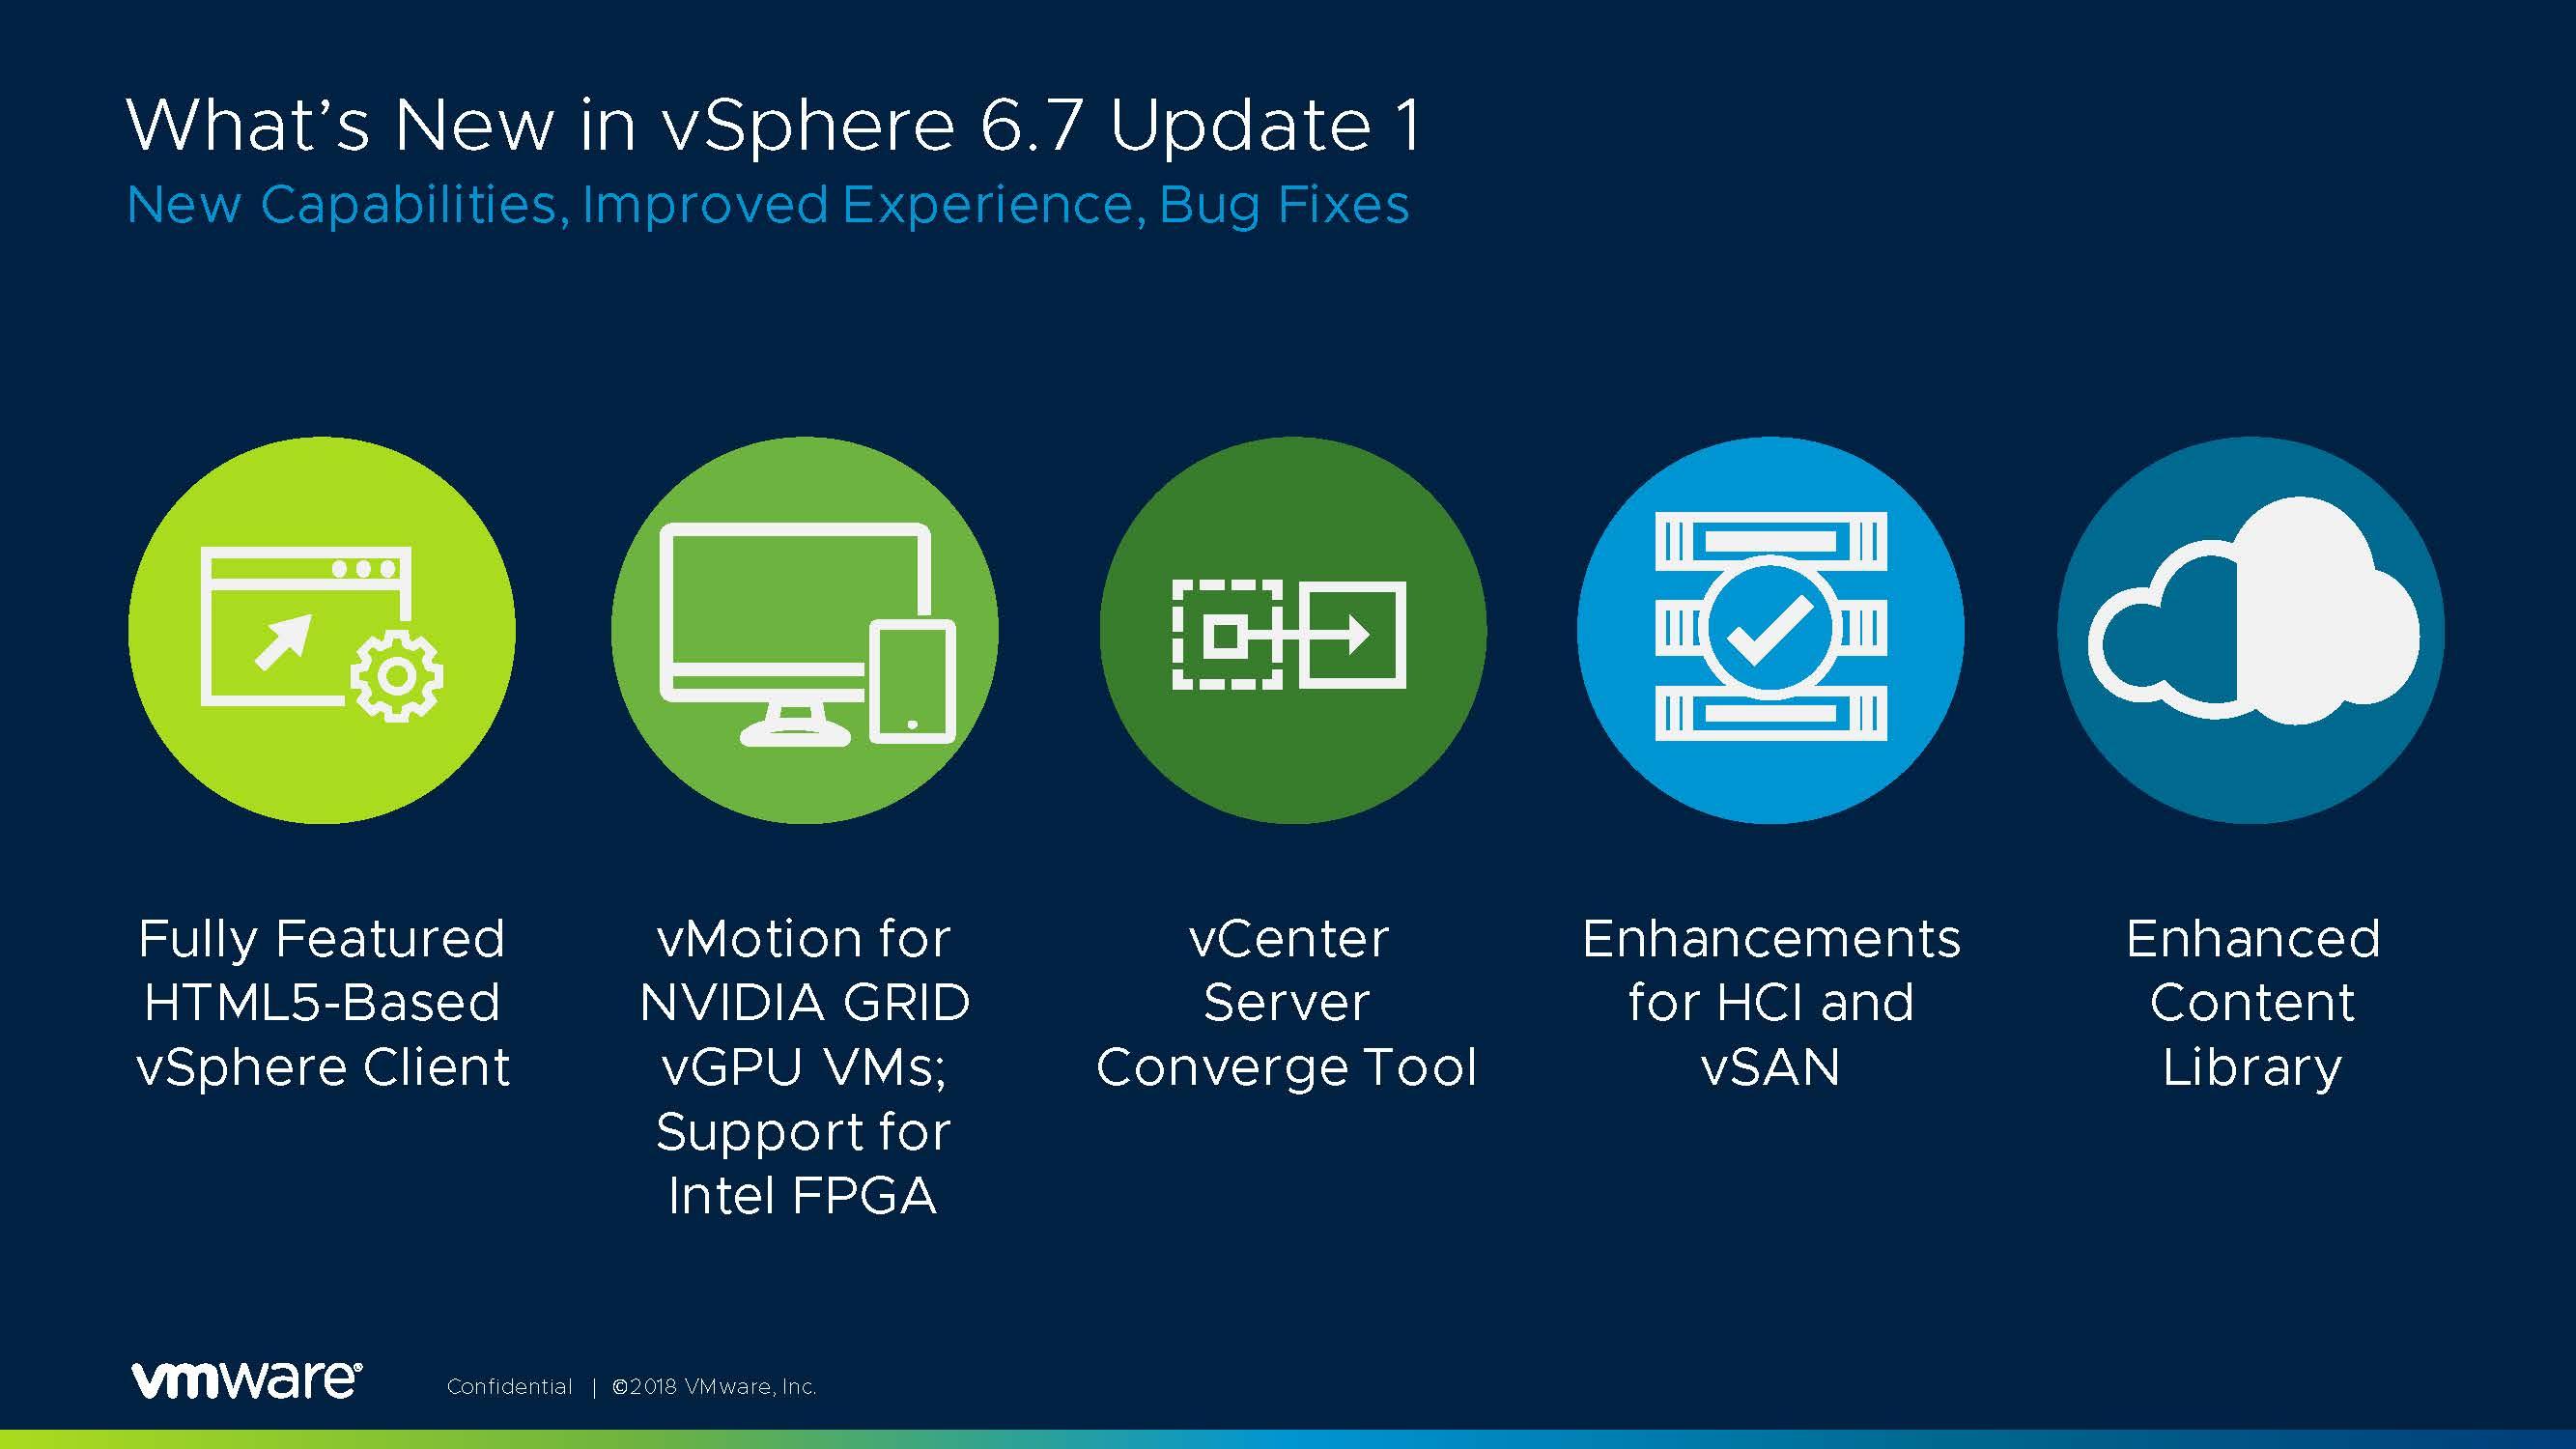 vSphere 6 7 Update 1 & vSphere Platinum Announced